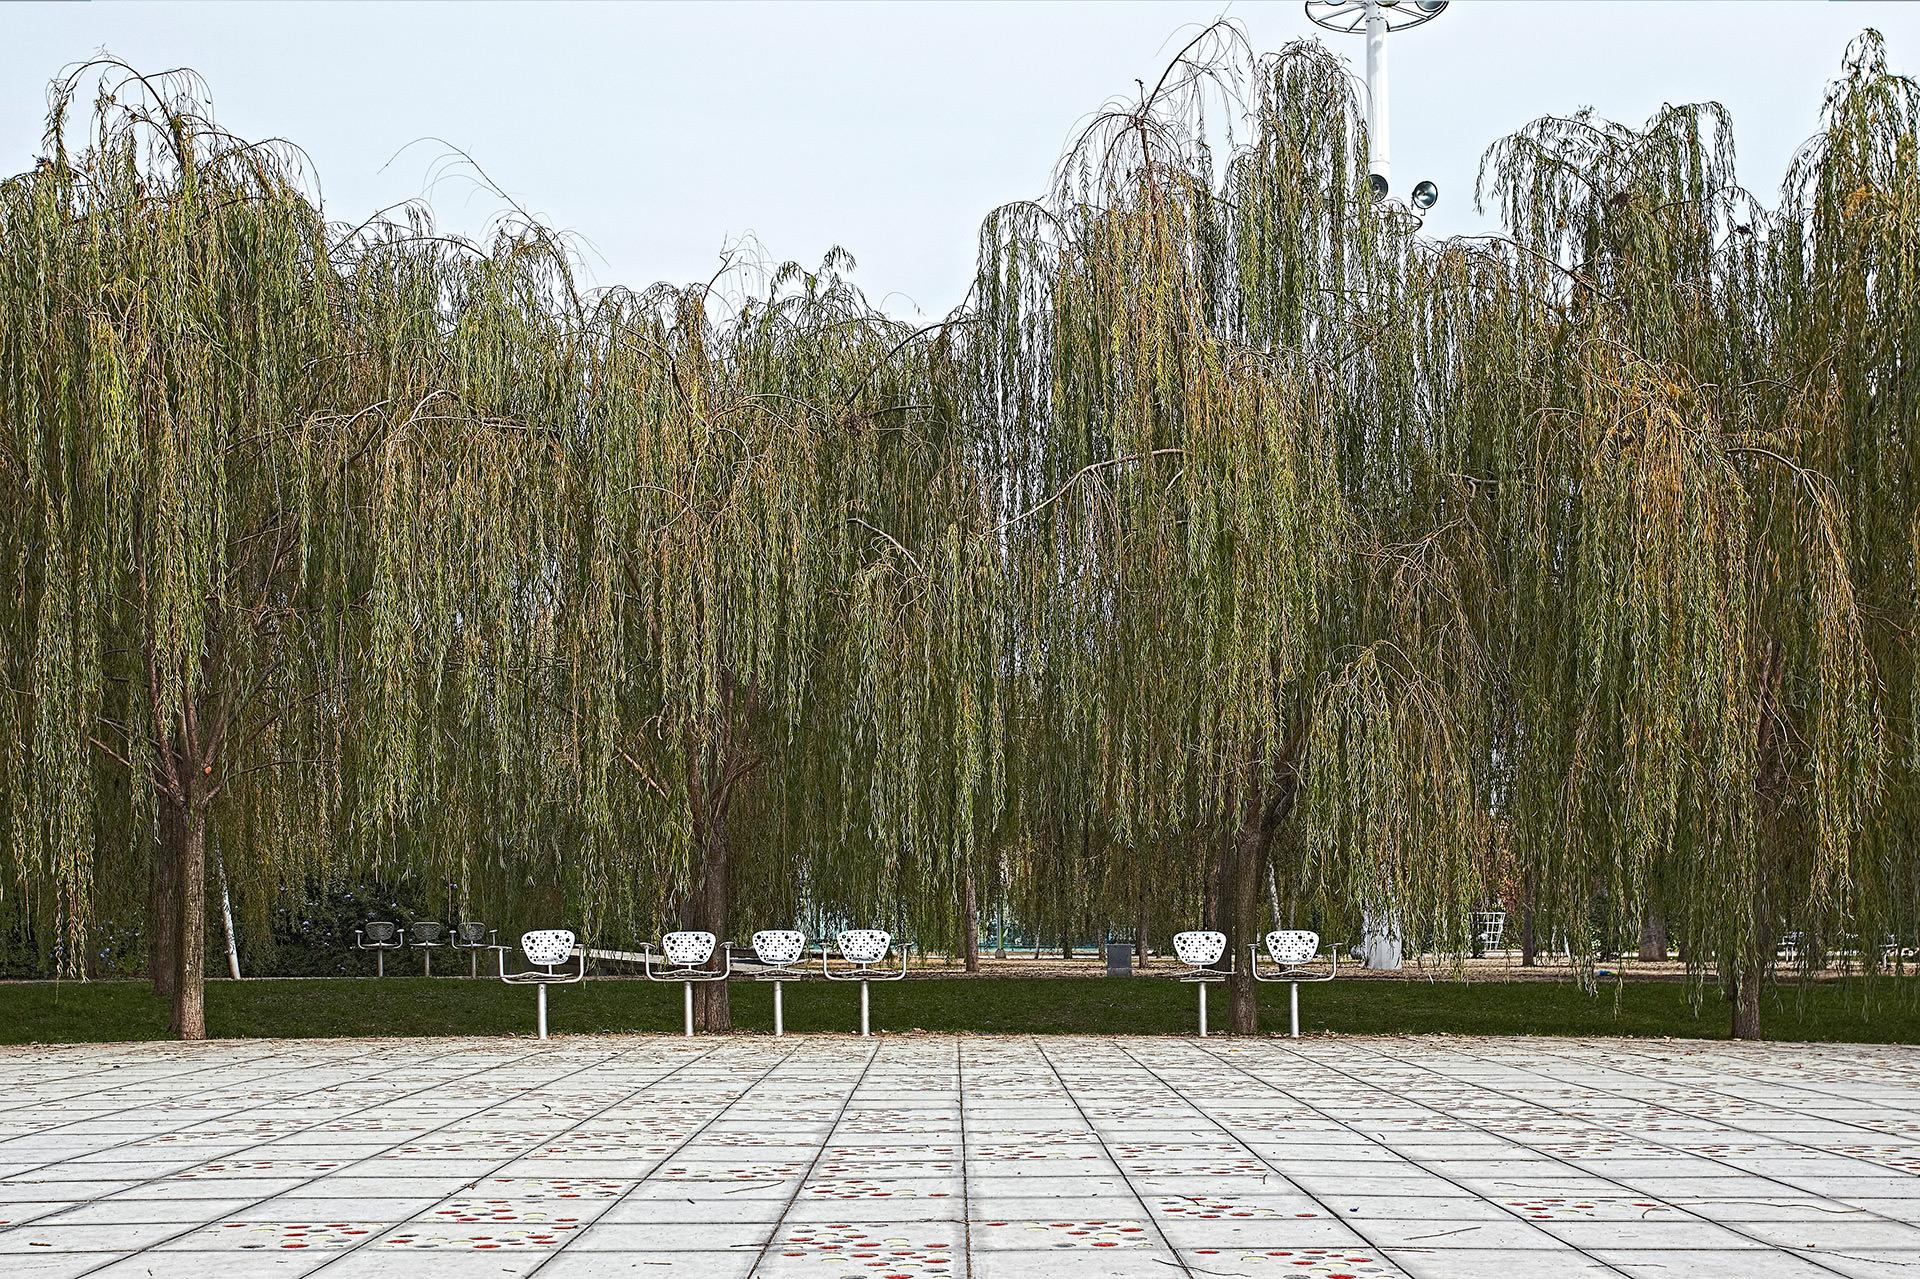 Park Centre of Poblenou, Barcelona